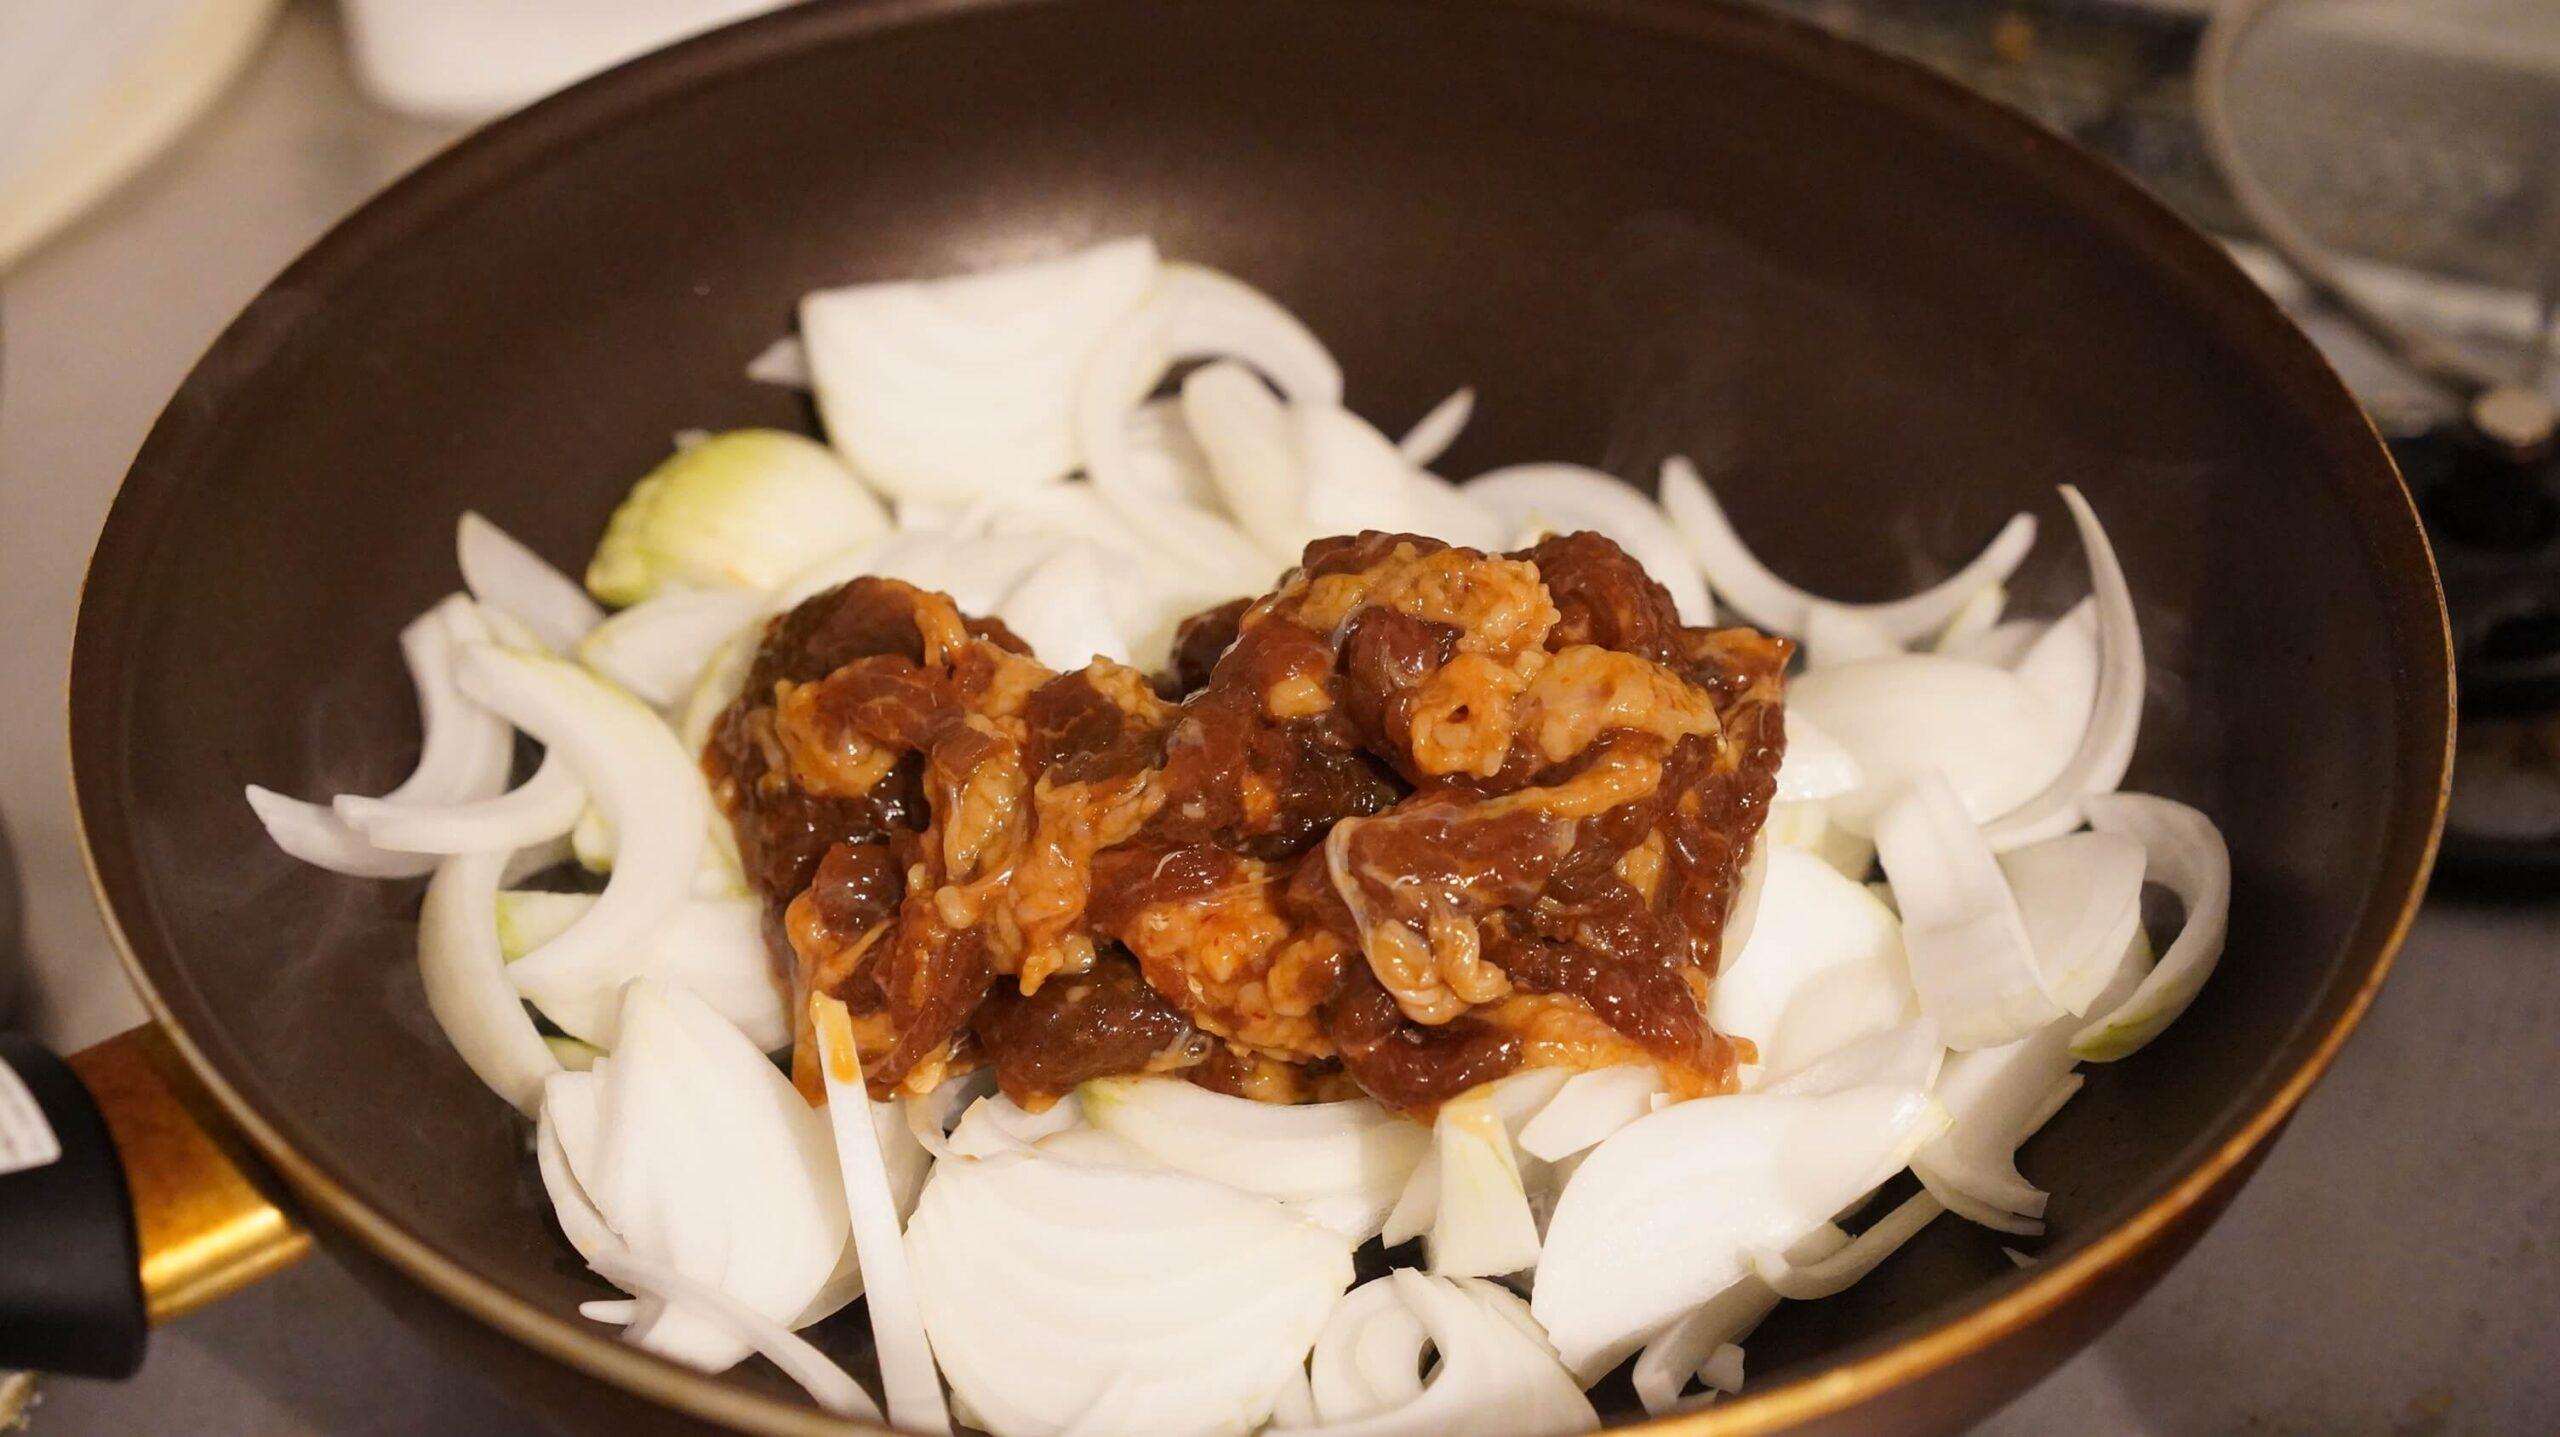 青森のB級グルメ「十和田バラ焼き」の冷凍食品をフライパンで炒めている写真